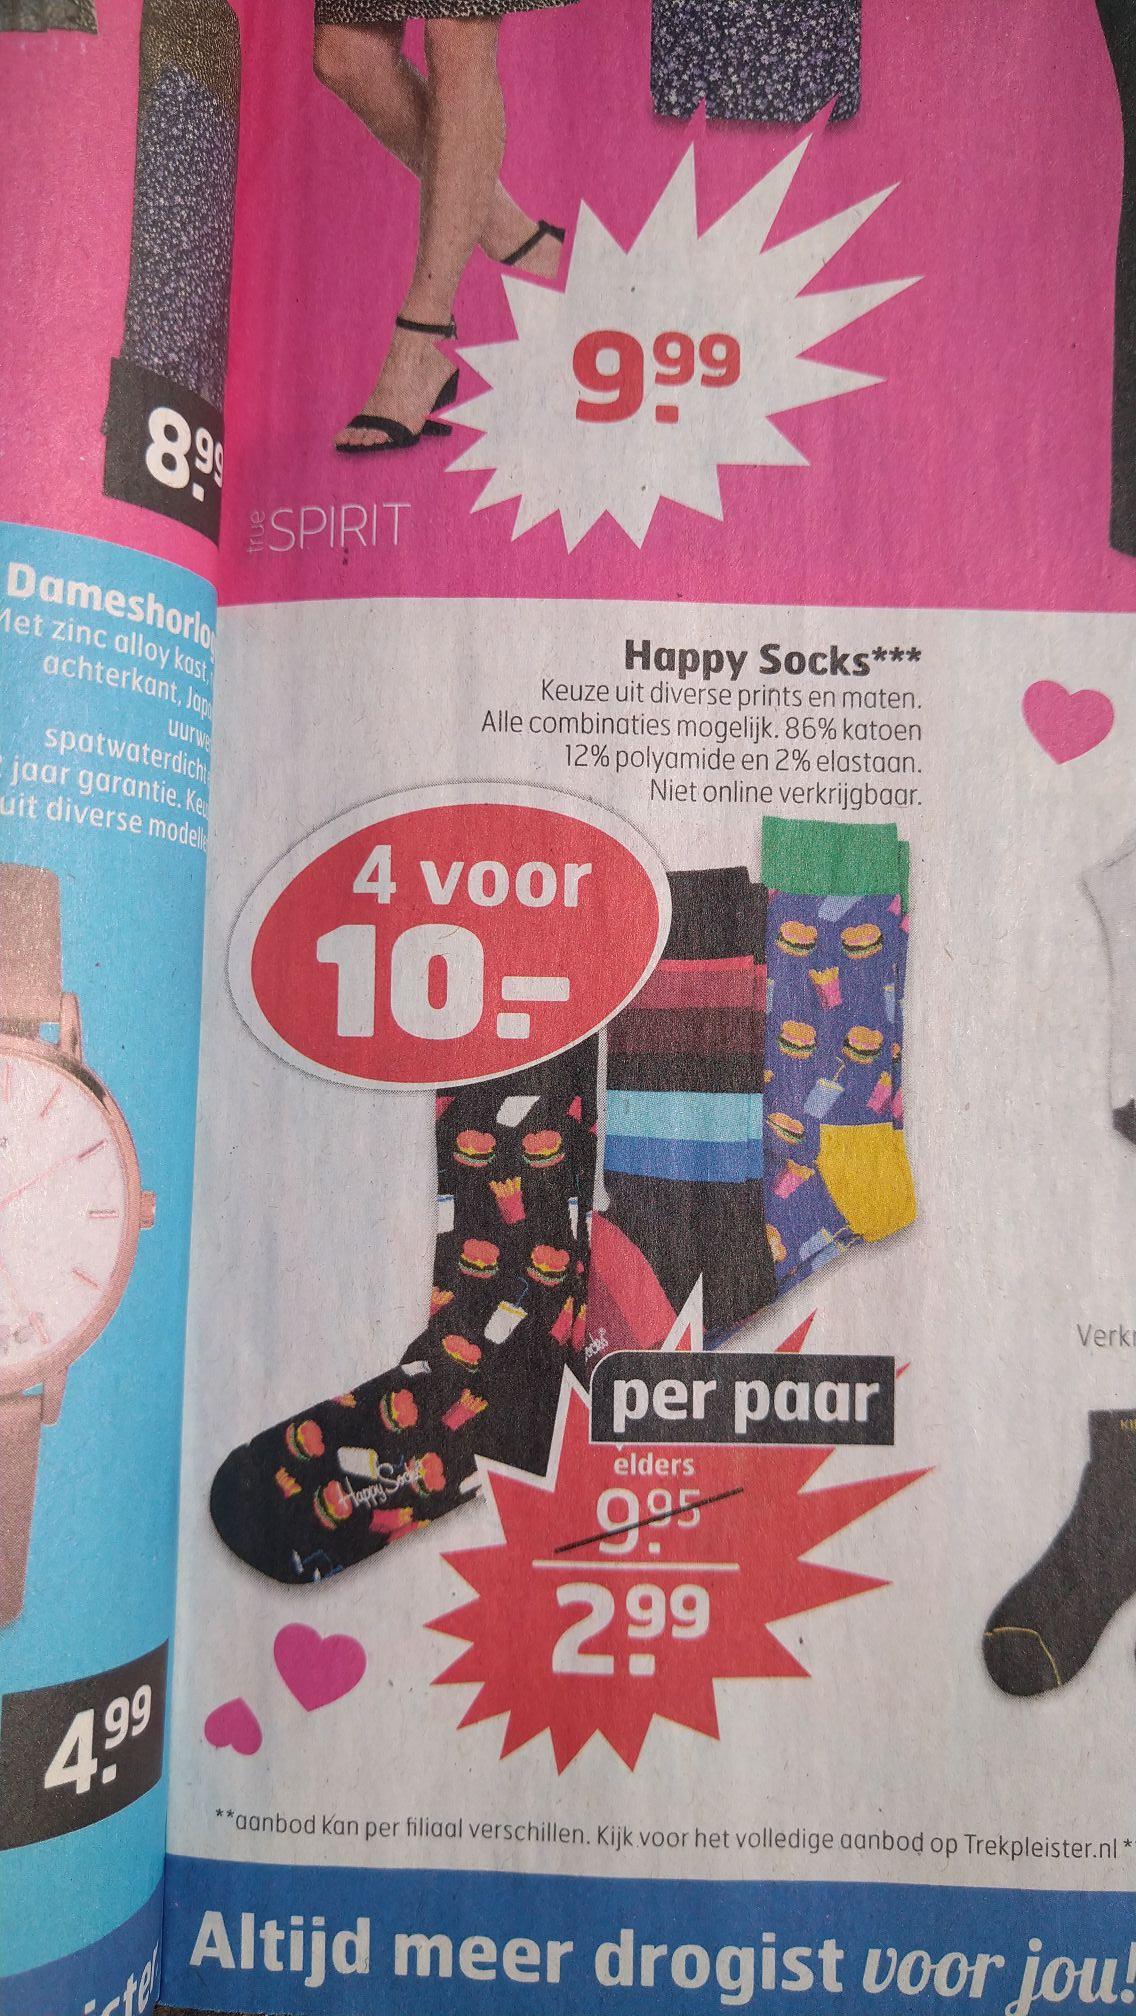 Happy socks 4 voor €10 bij de trekpleister